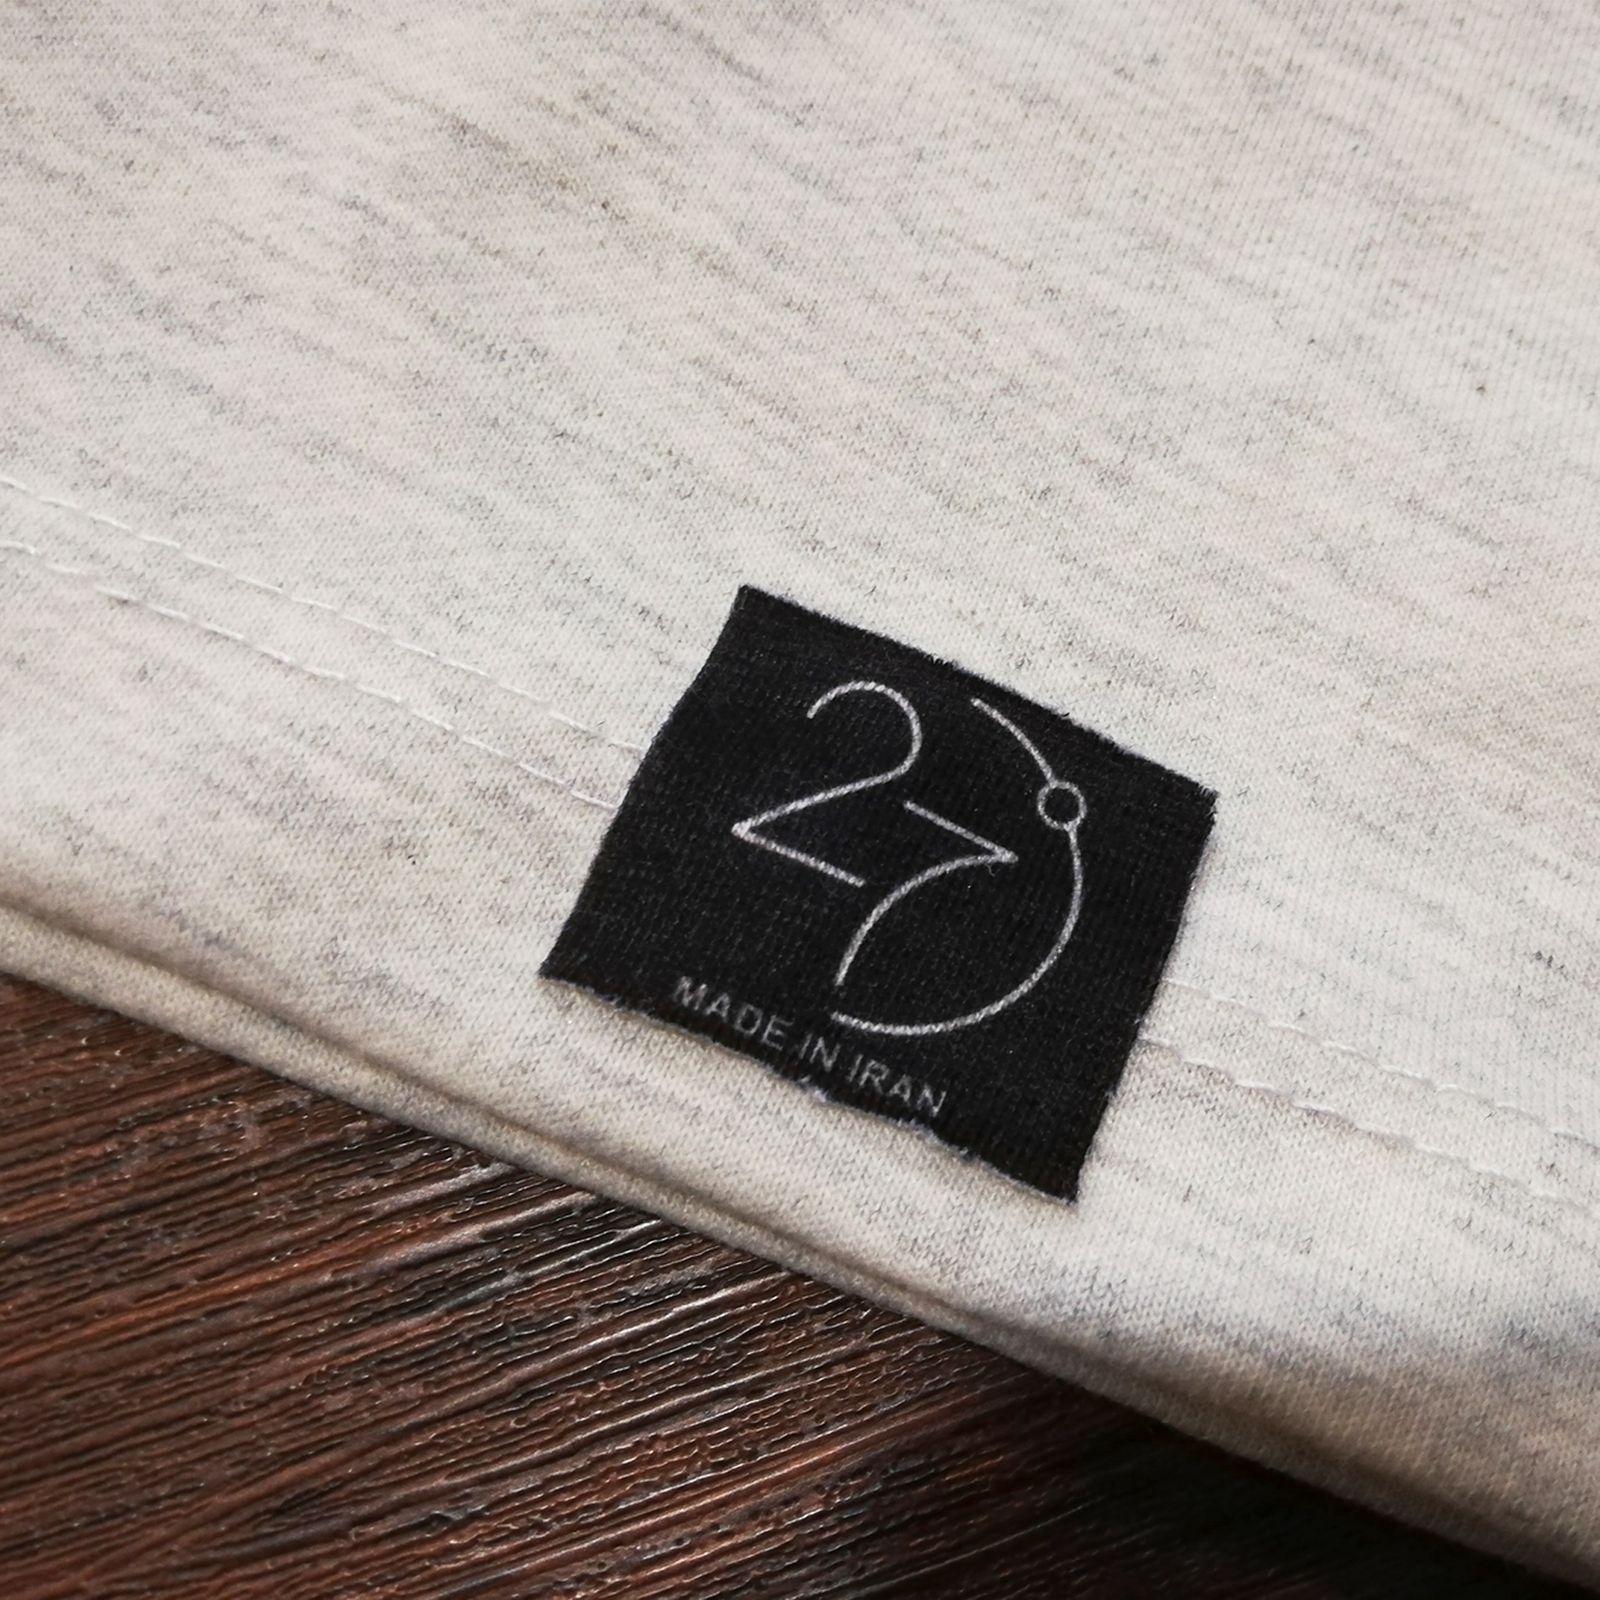 تیشرت مردانه 27 طرح ای دوست بیا تا غم فردا نخوریم  کد H02 -  - 5